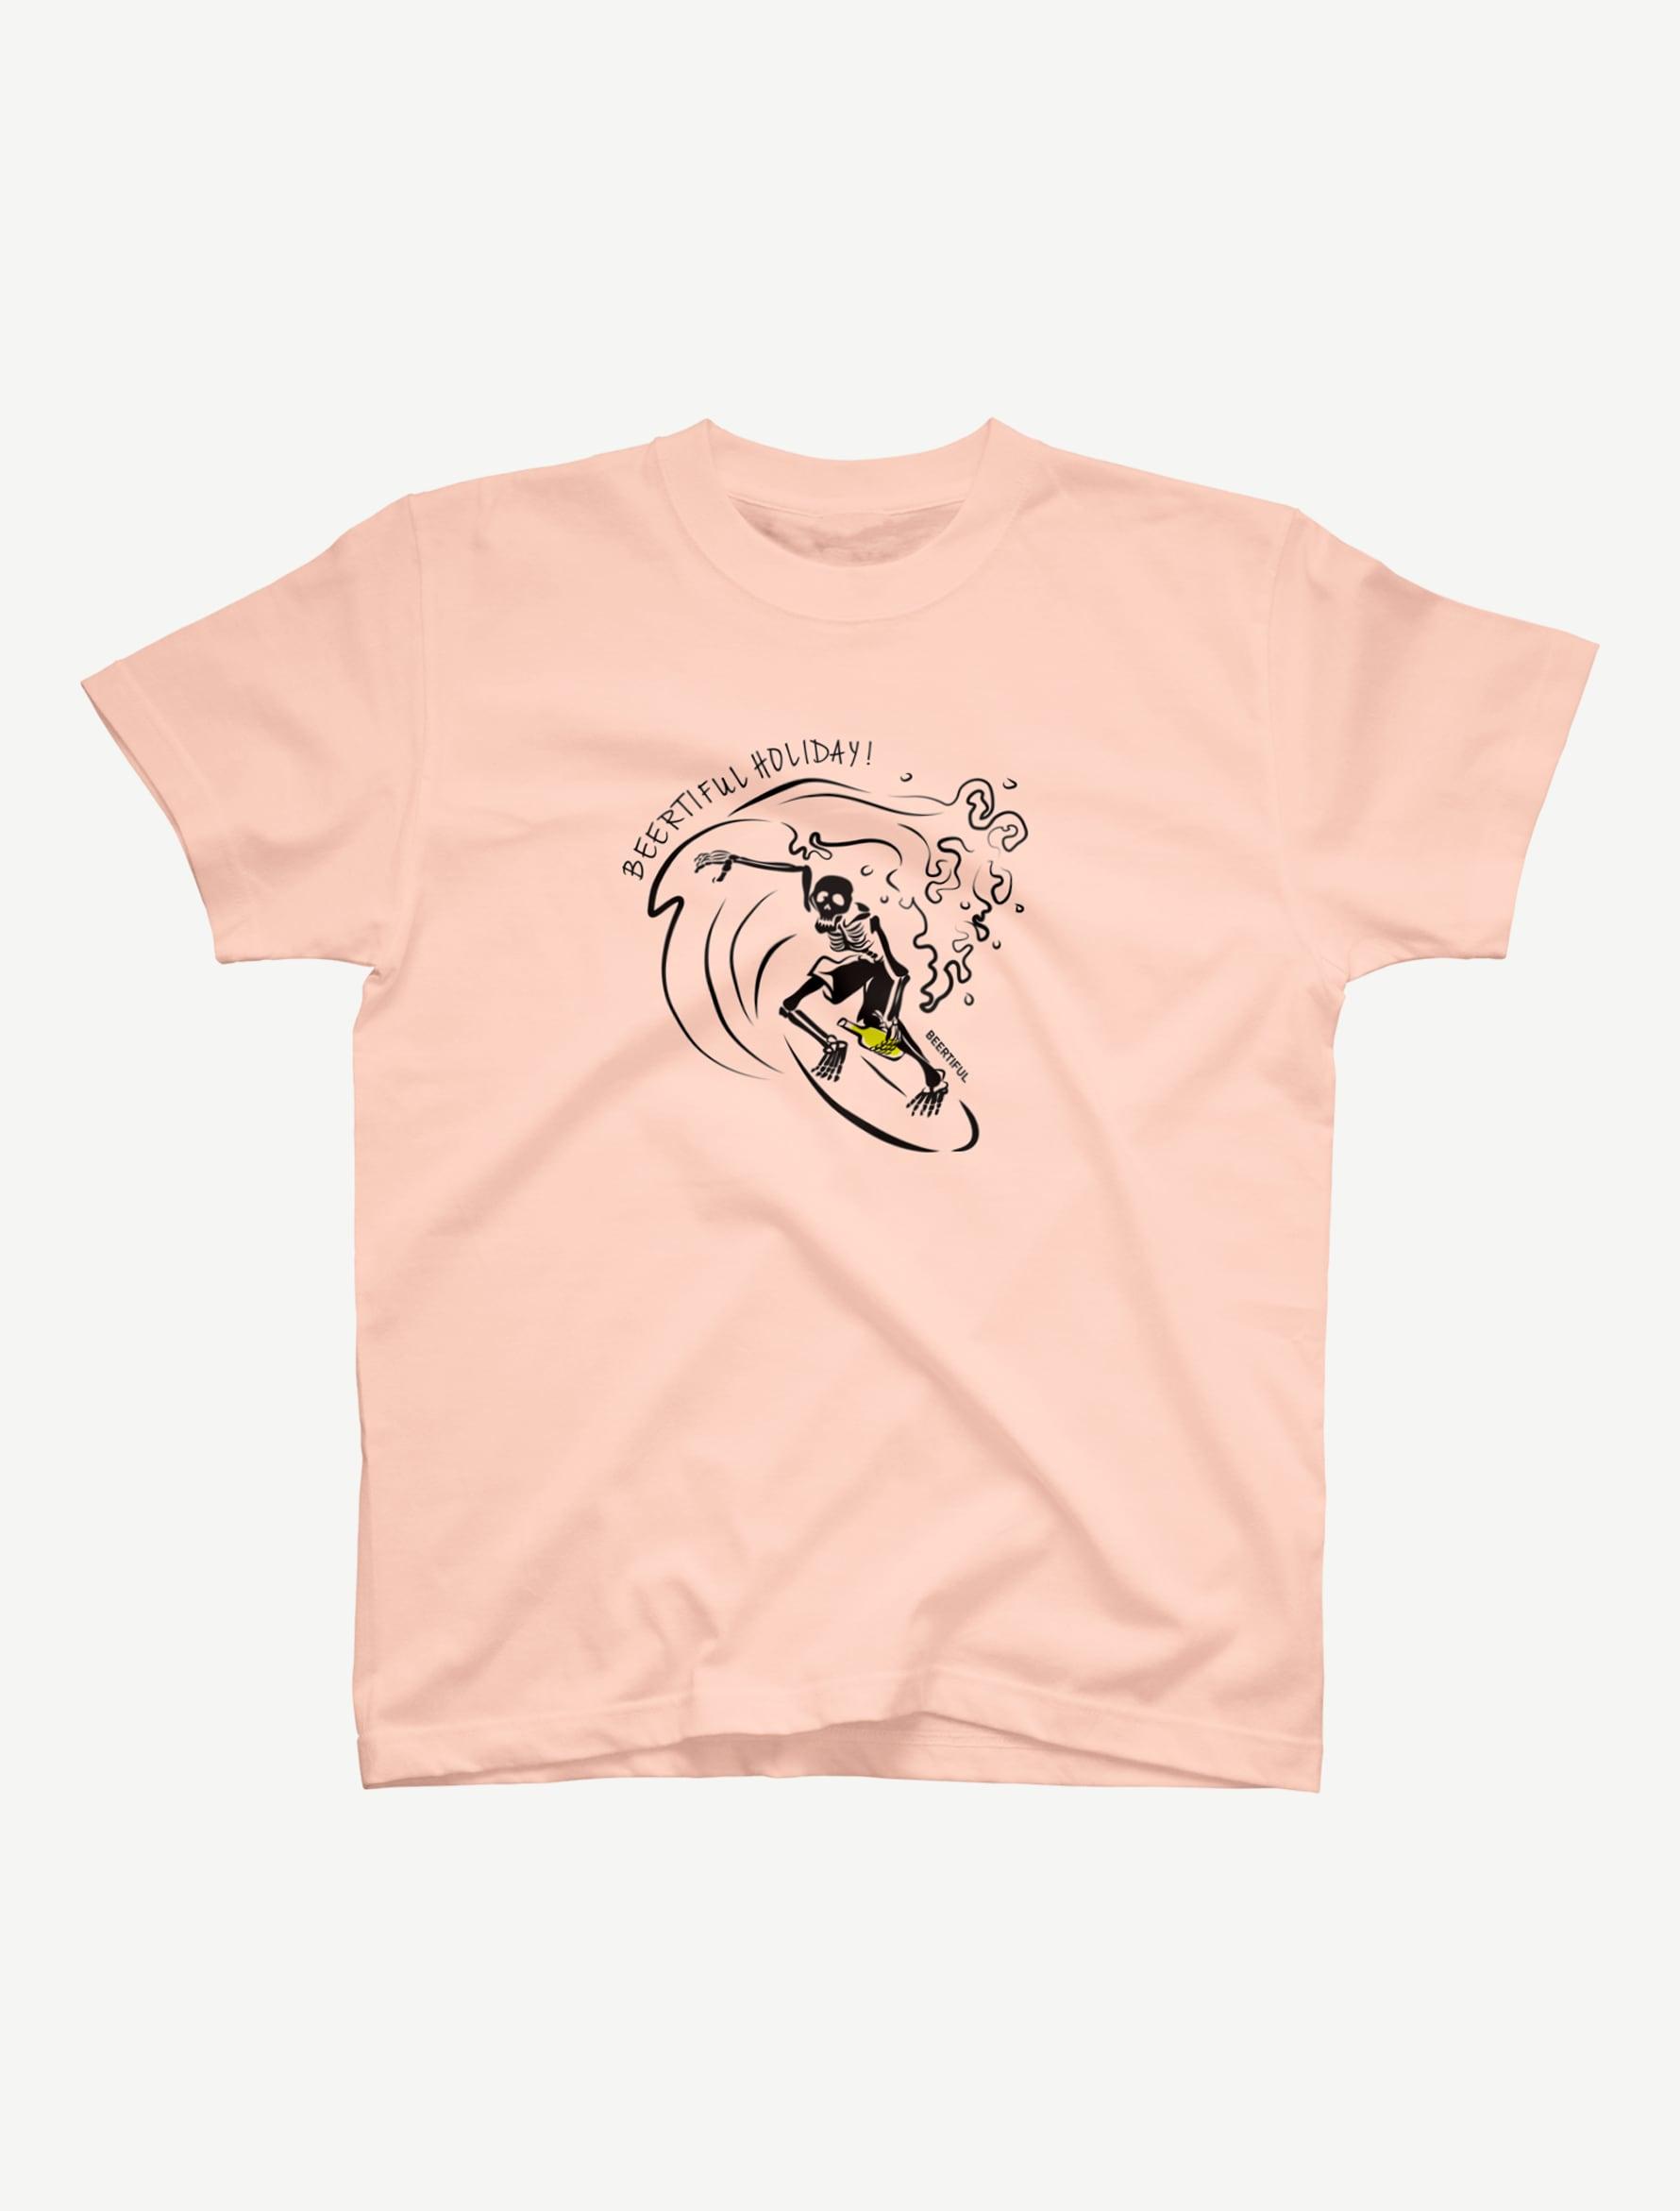 【サーフィンガイコツ】Tシャツ(アプリコット)